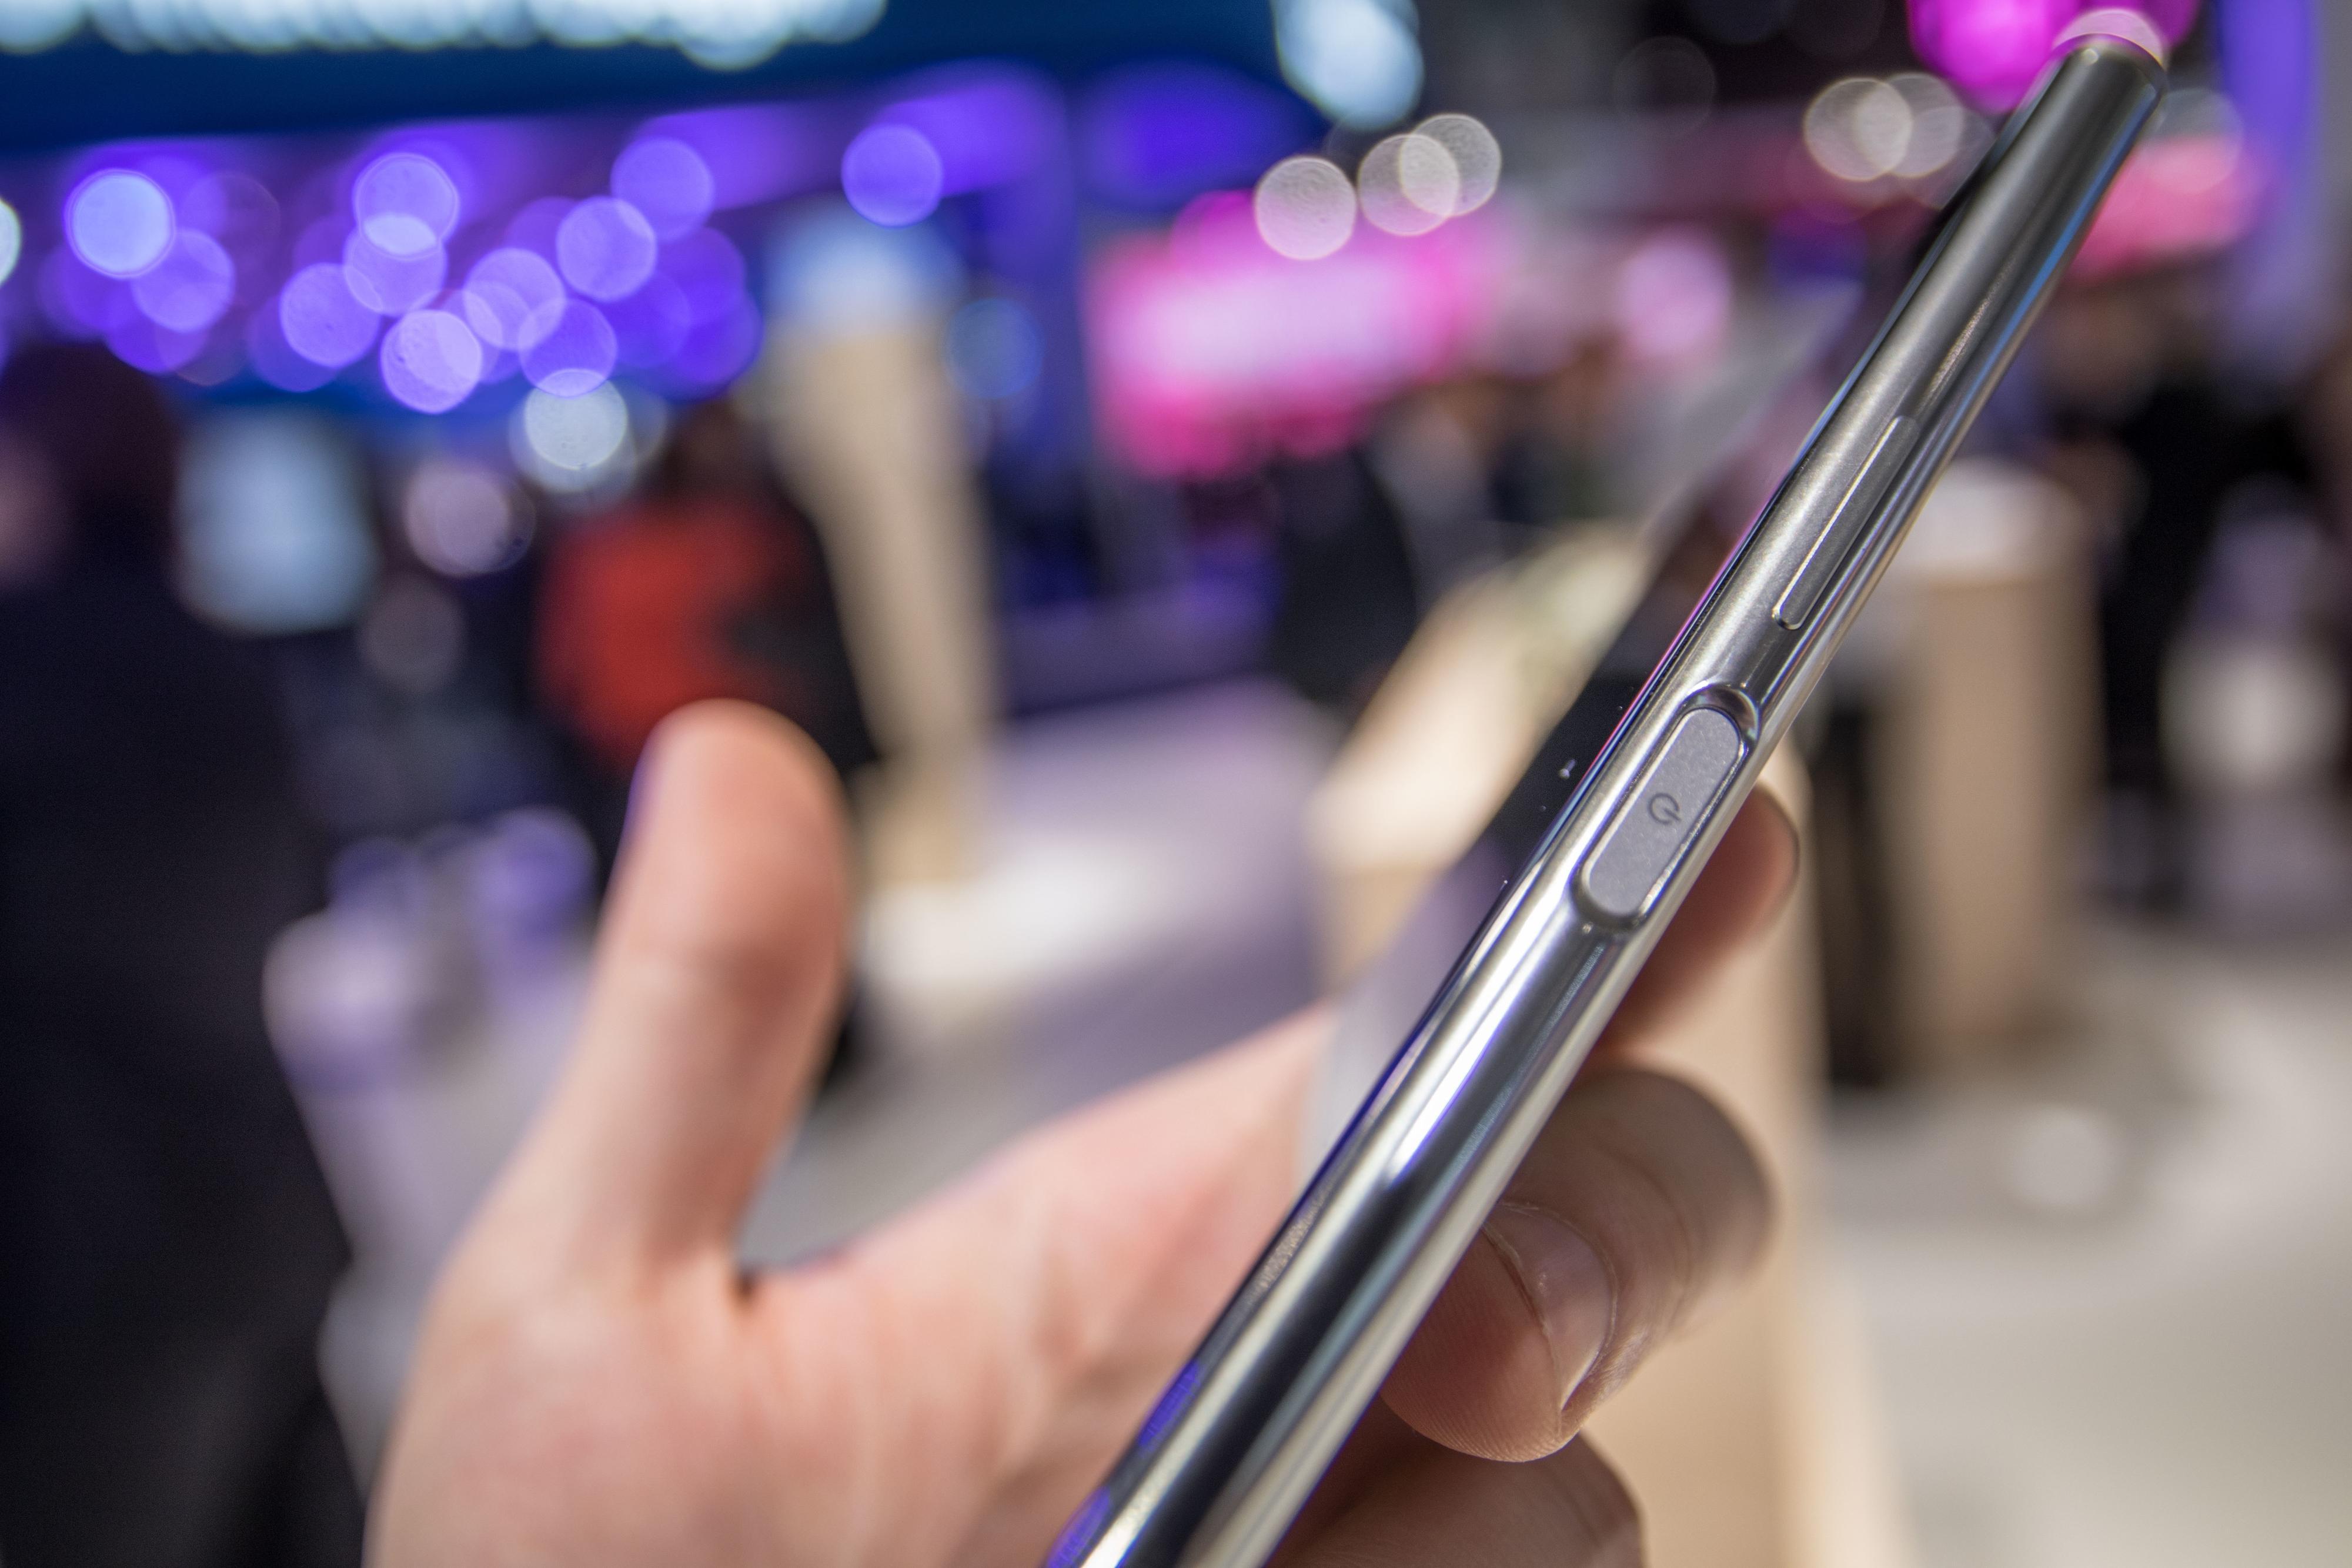 """Fingersensoren er fortsatt plassert på høyre side, noe vi liker godt. Sensoren får forøvrig skylden for at Xperia XZ Premium ikke er kantløs på sidene. """"Vi kan lage kantløse mobiler, bare se på Xperia XA1 Ultra!""""."""